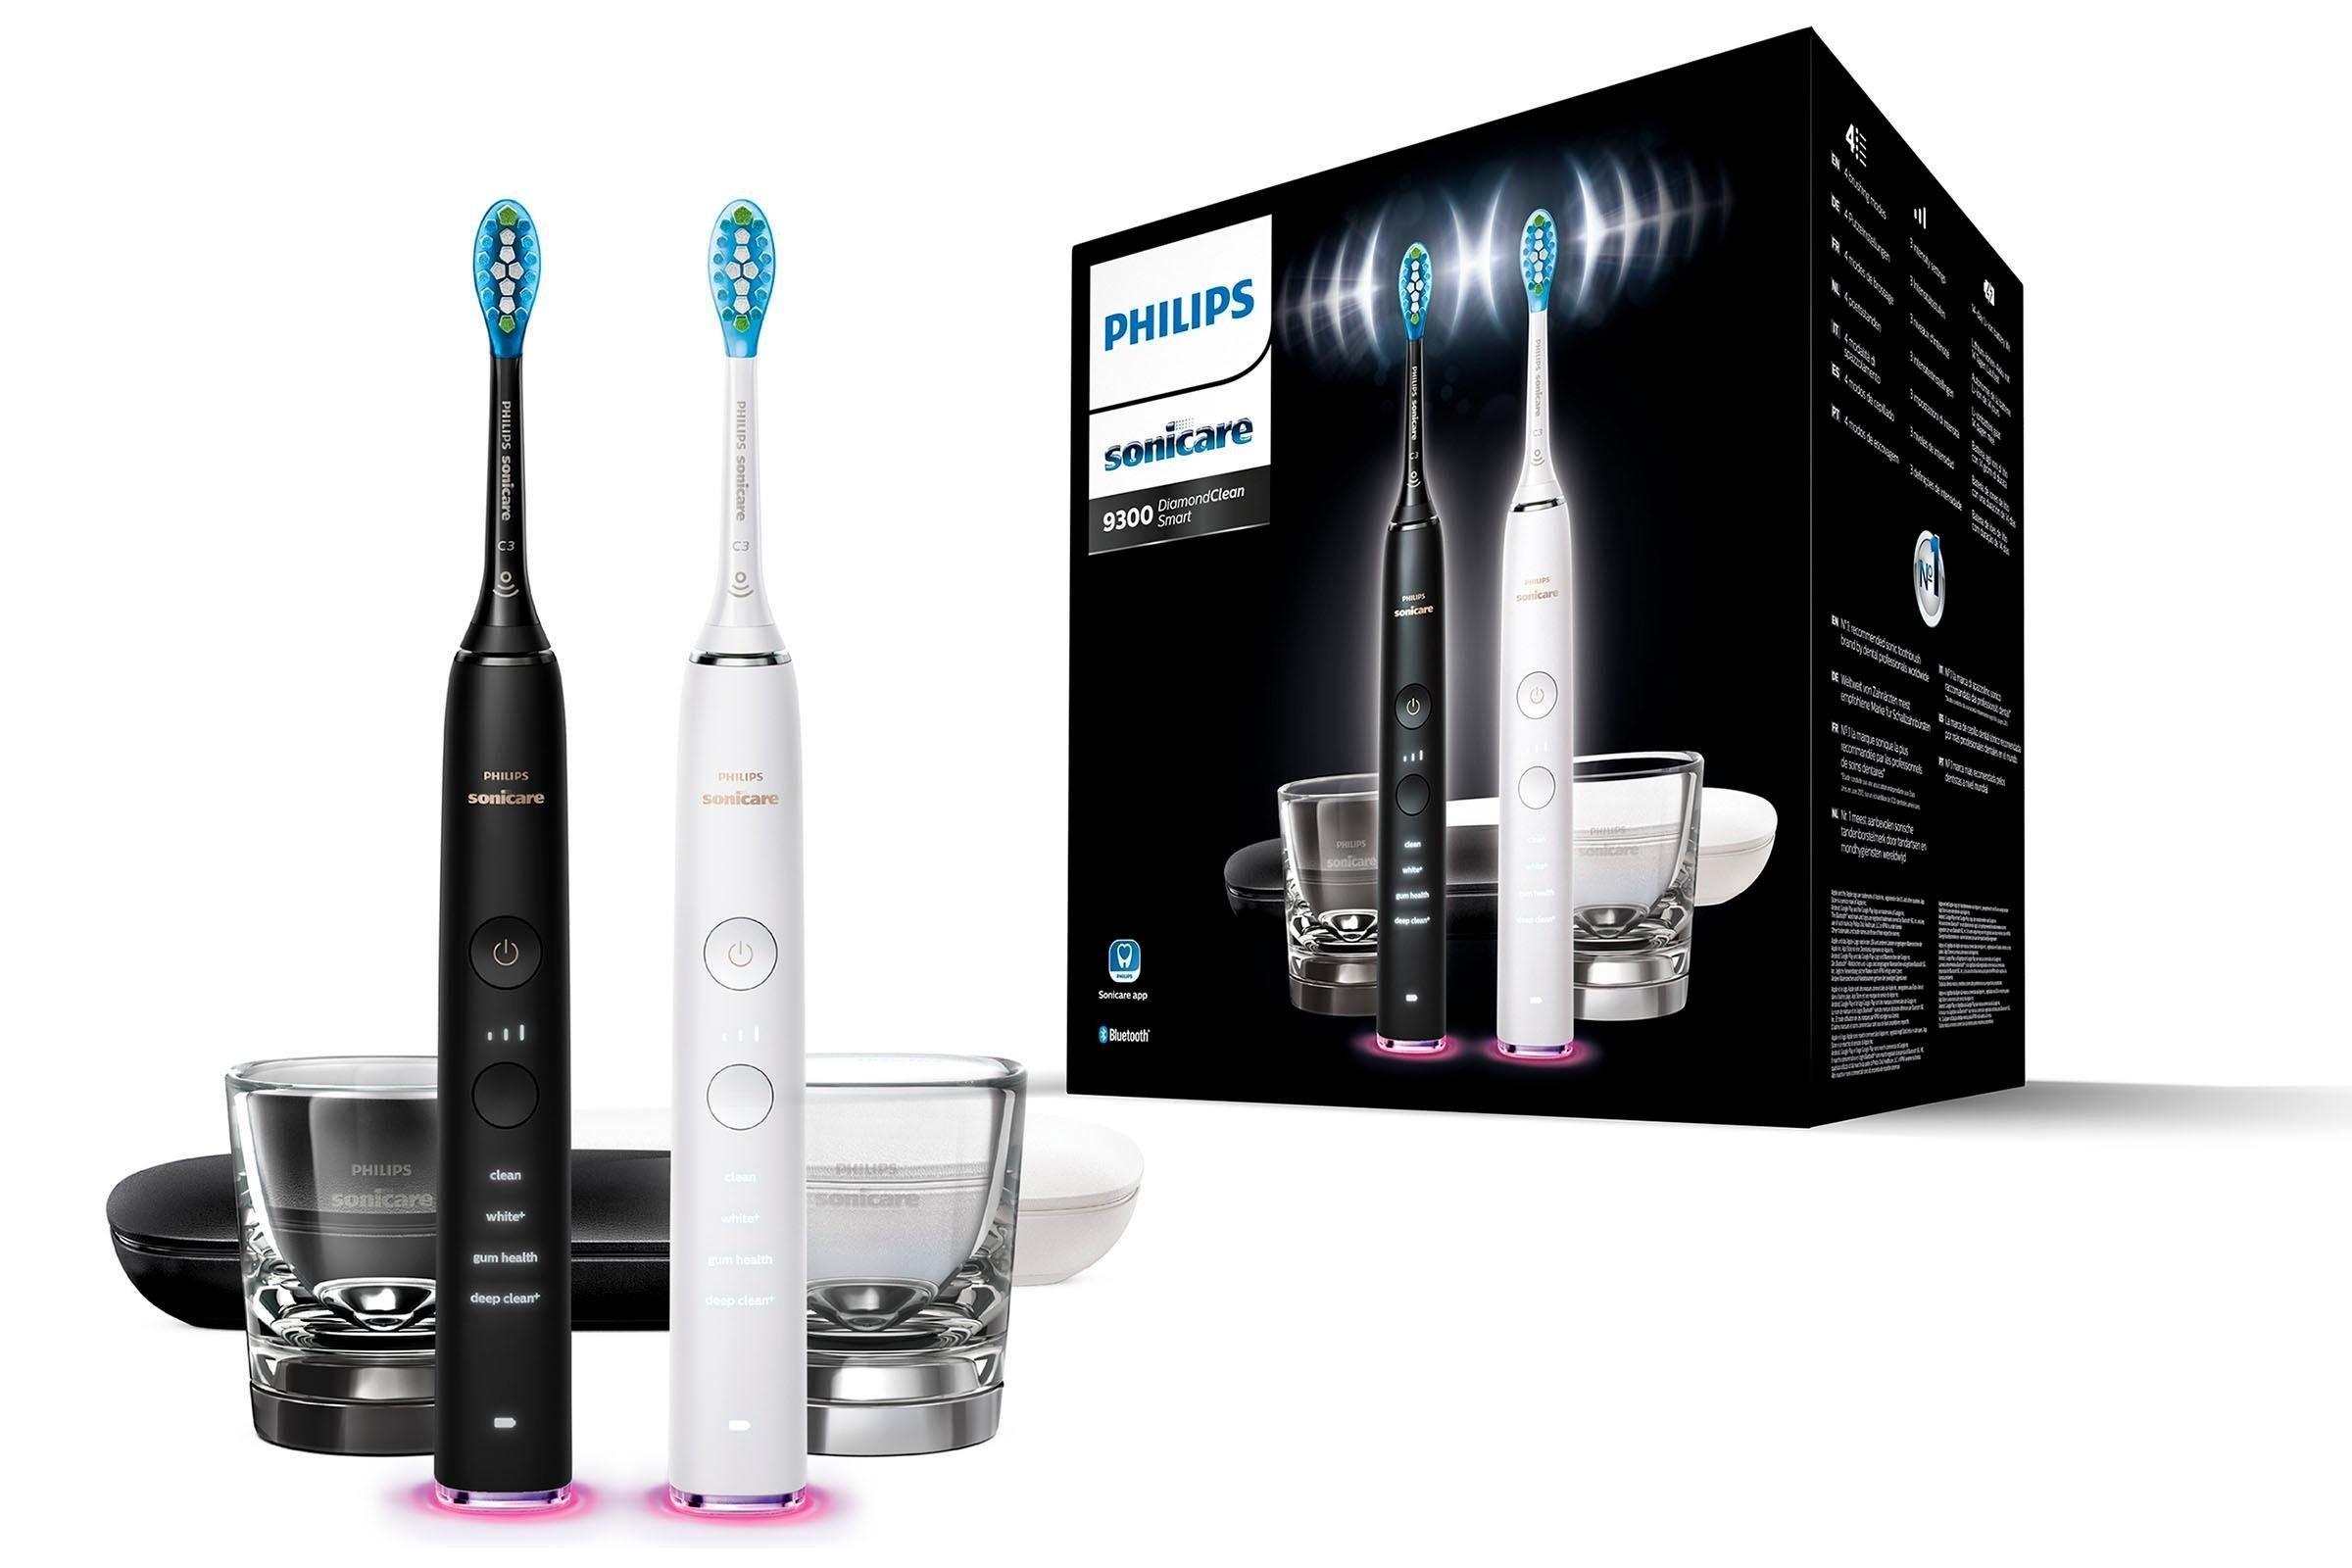 Philips Sonicare elektrische tandenborstel HX9912/18 Ultrasone tandenborstel, set van 2 goedkoop op otto.nl kopen